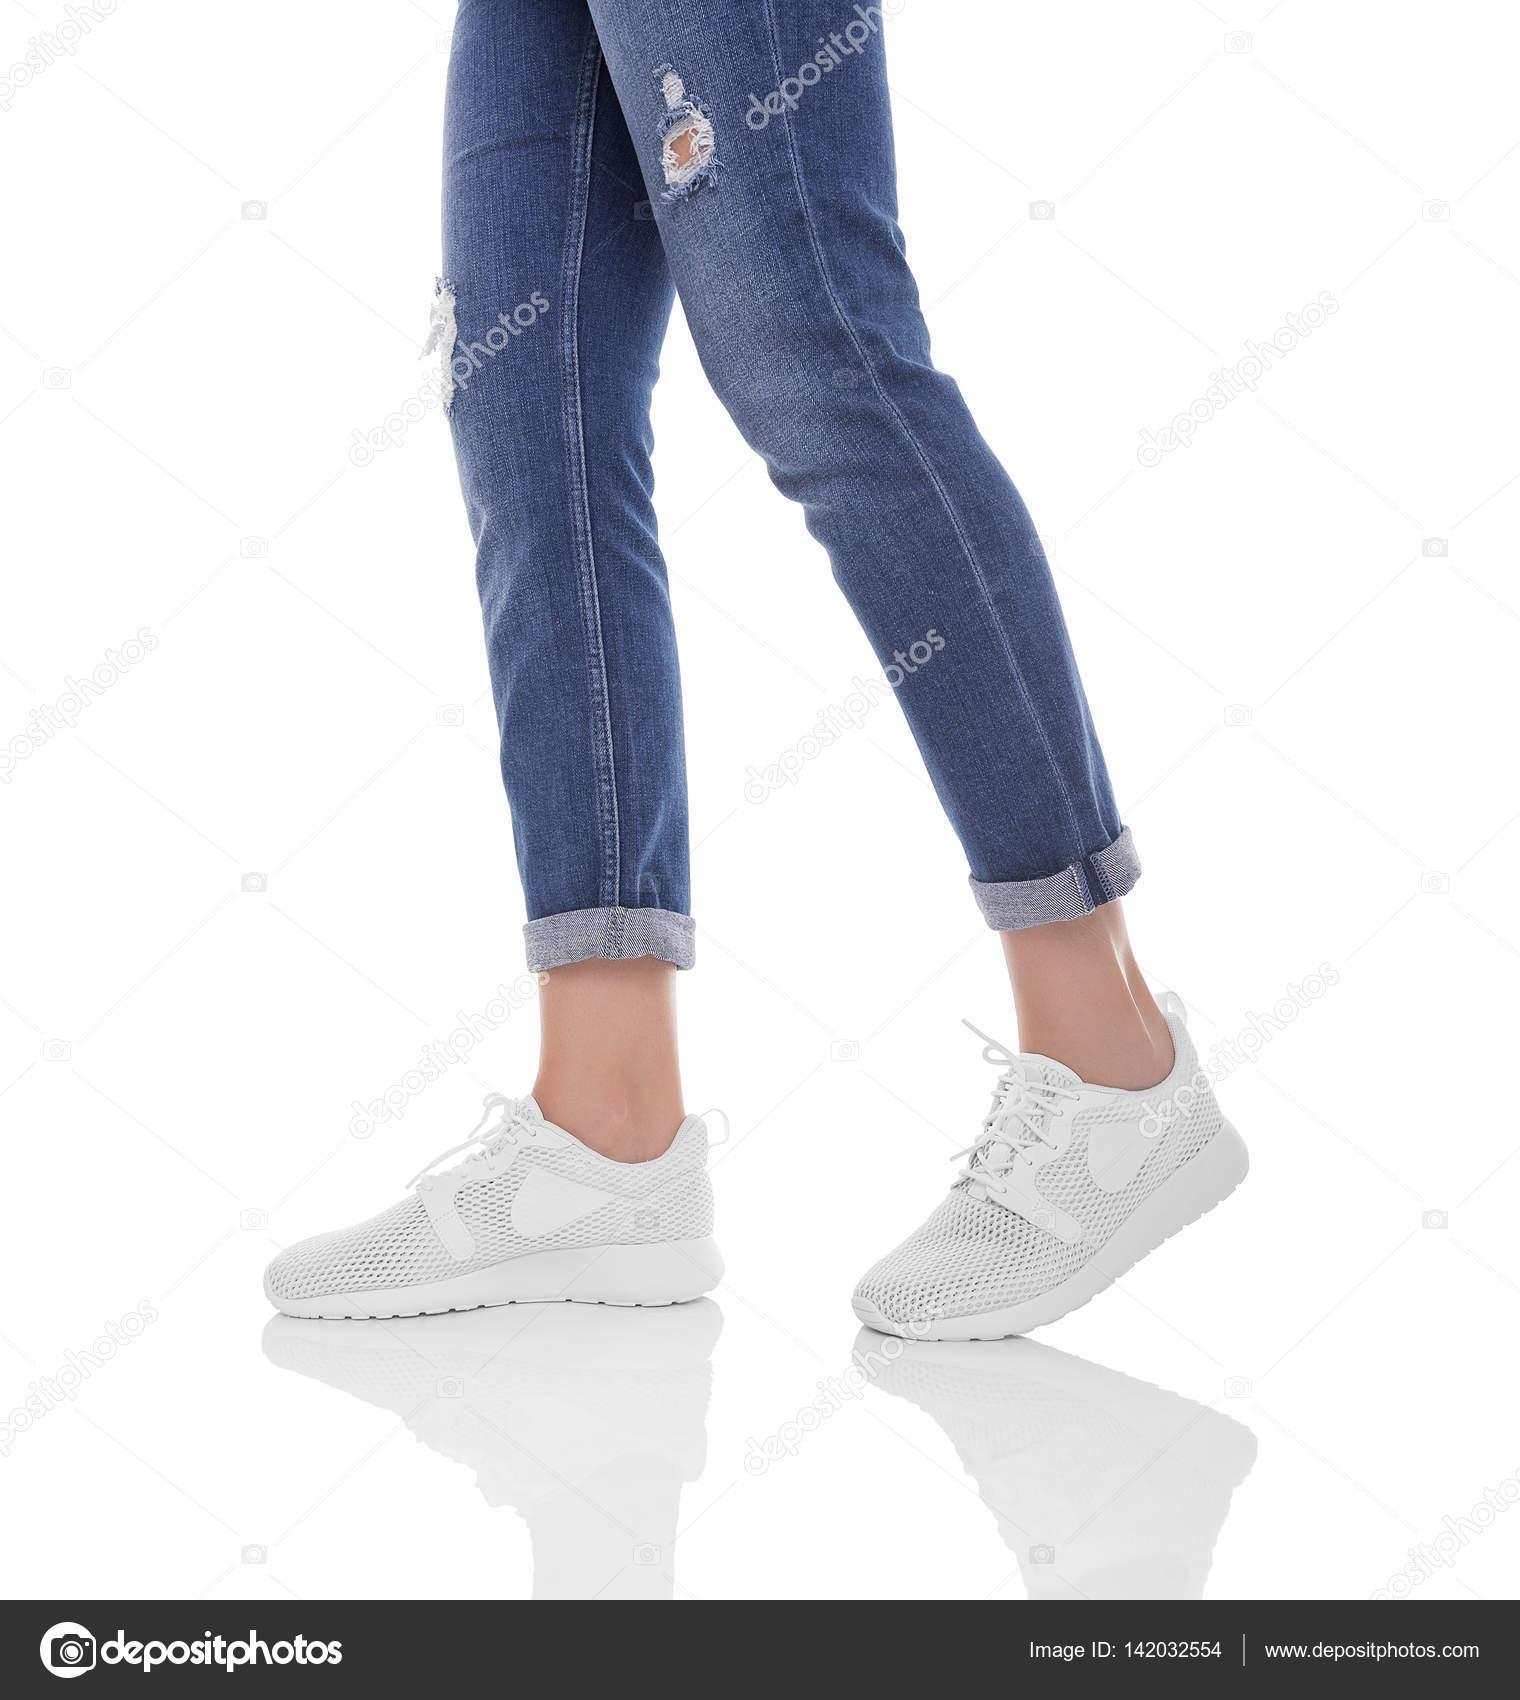 De Piernas Y Mujeres Las En Pantalones Vaqueros Zapatillas PXZkiuTO